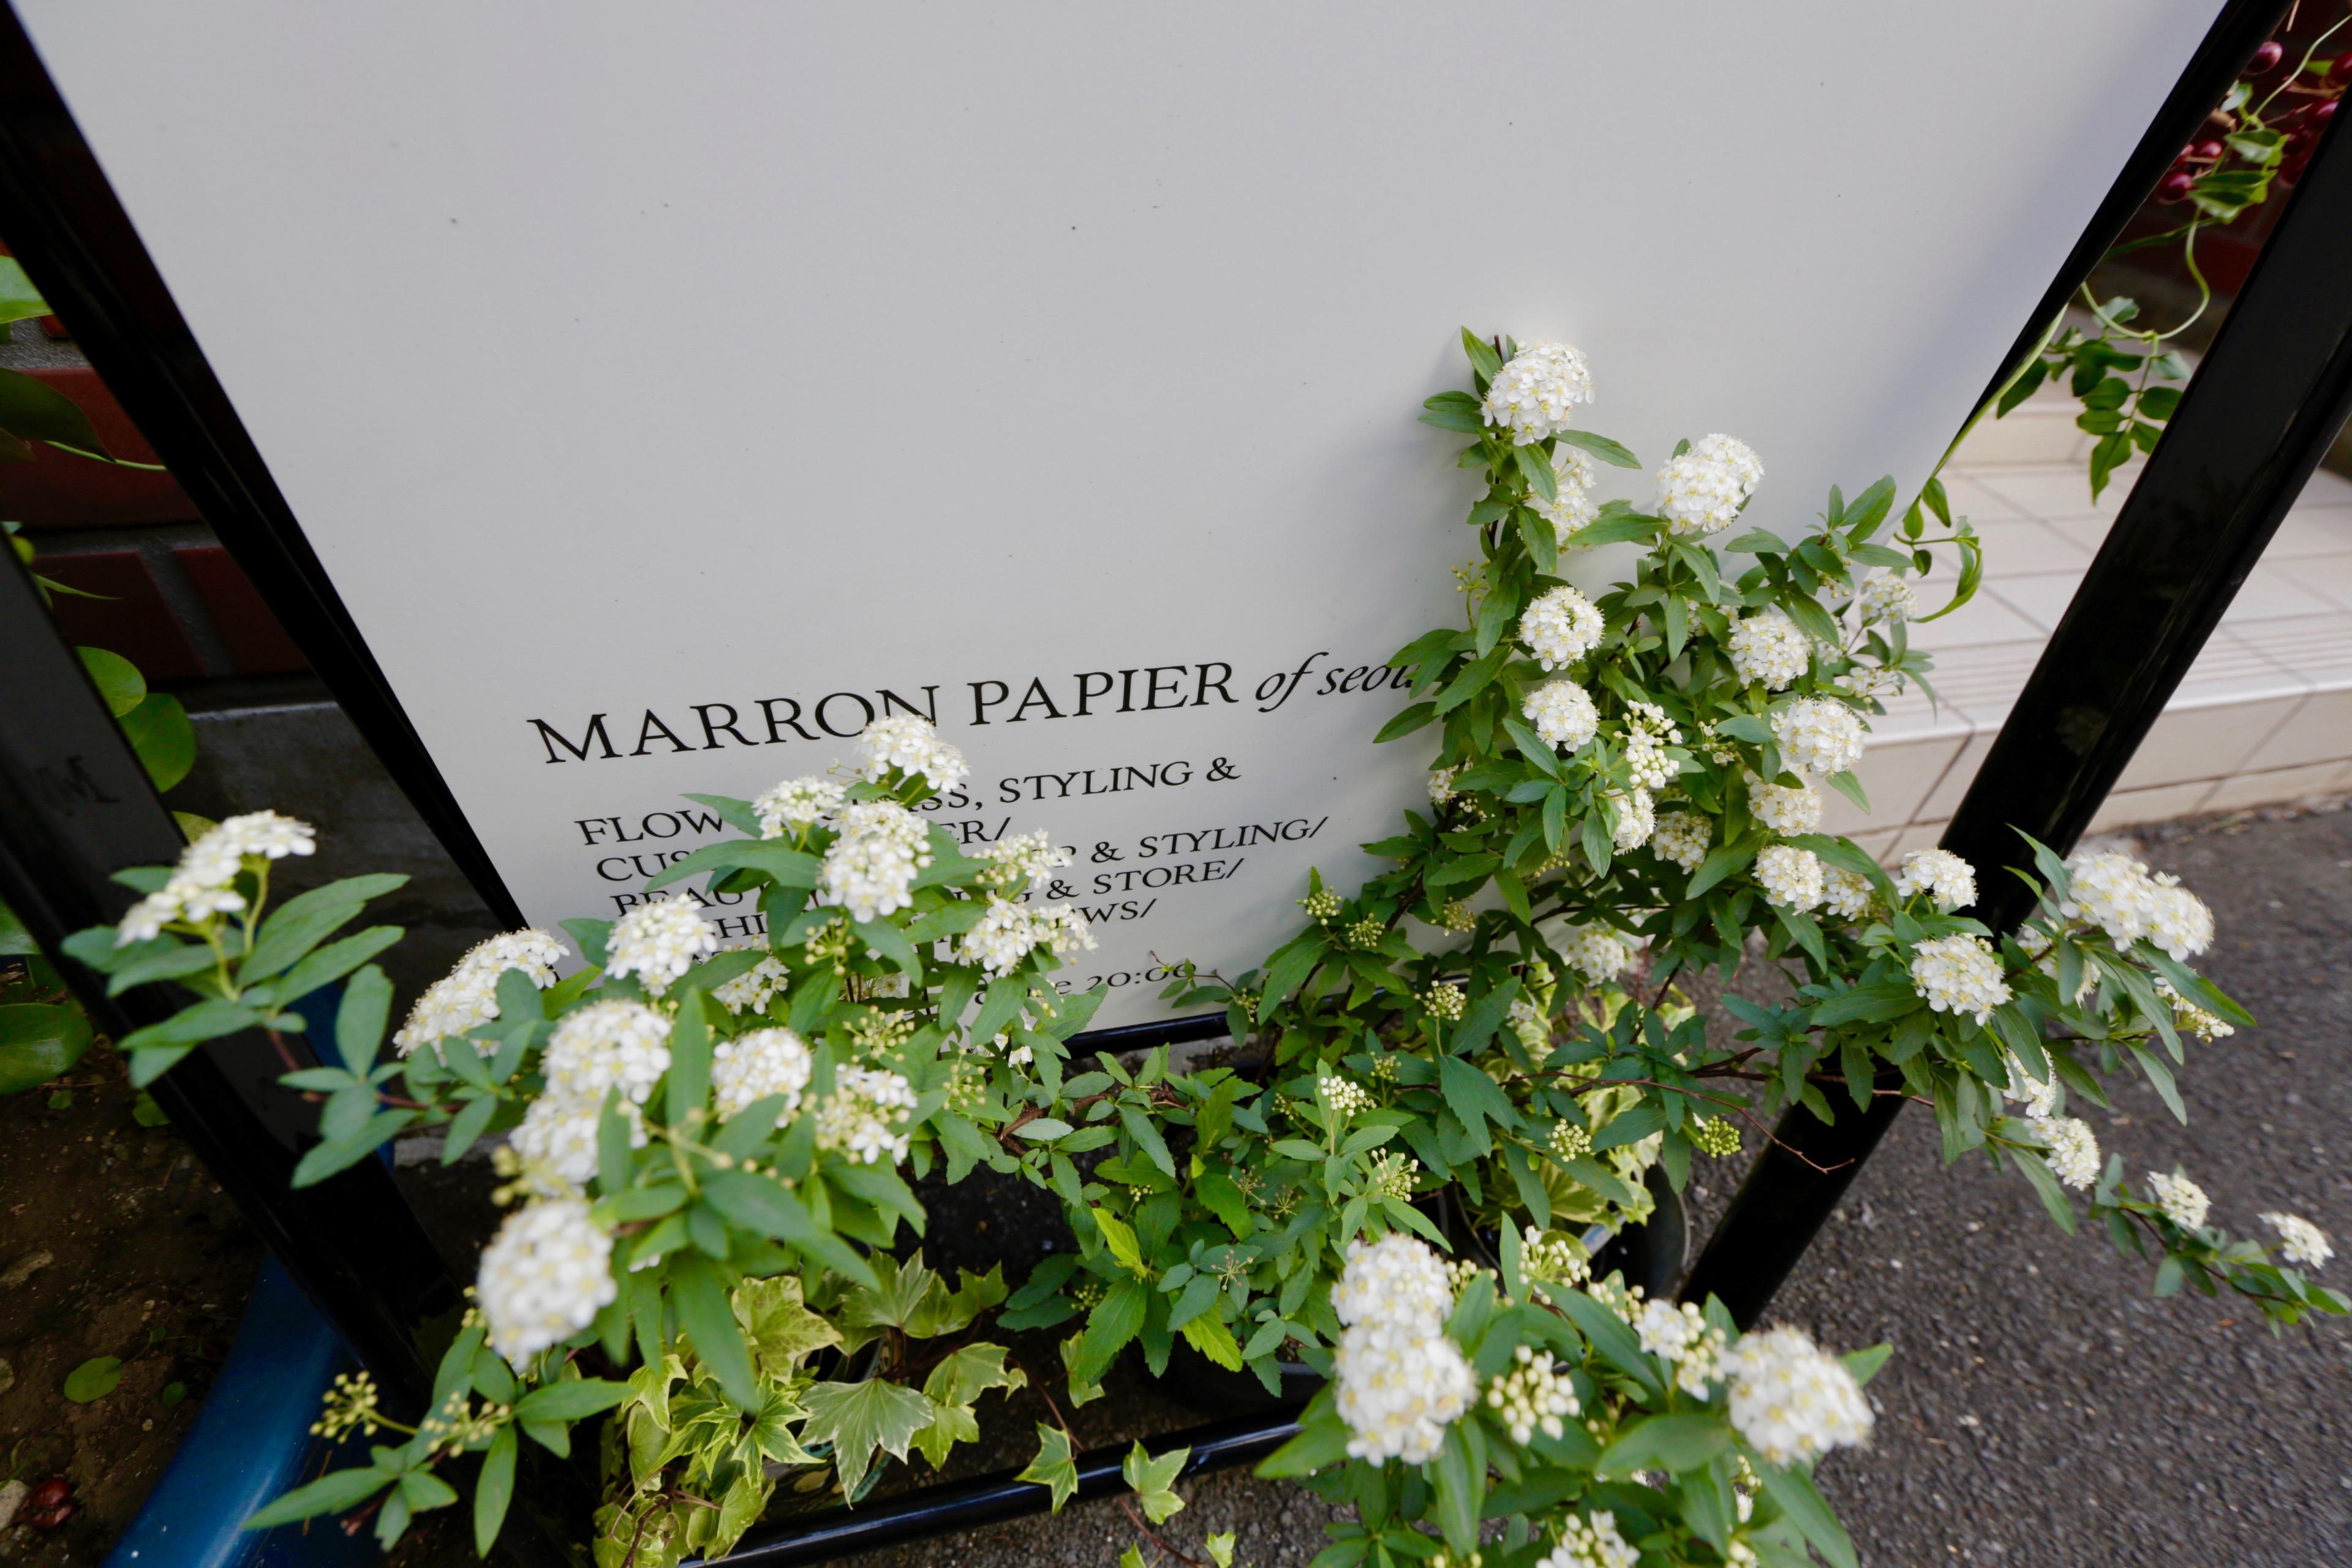 マロンパピエ,marronpapier,花屋,フラワースクール